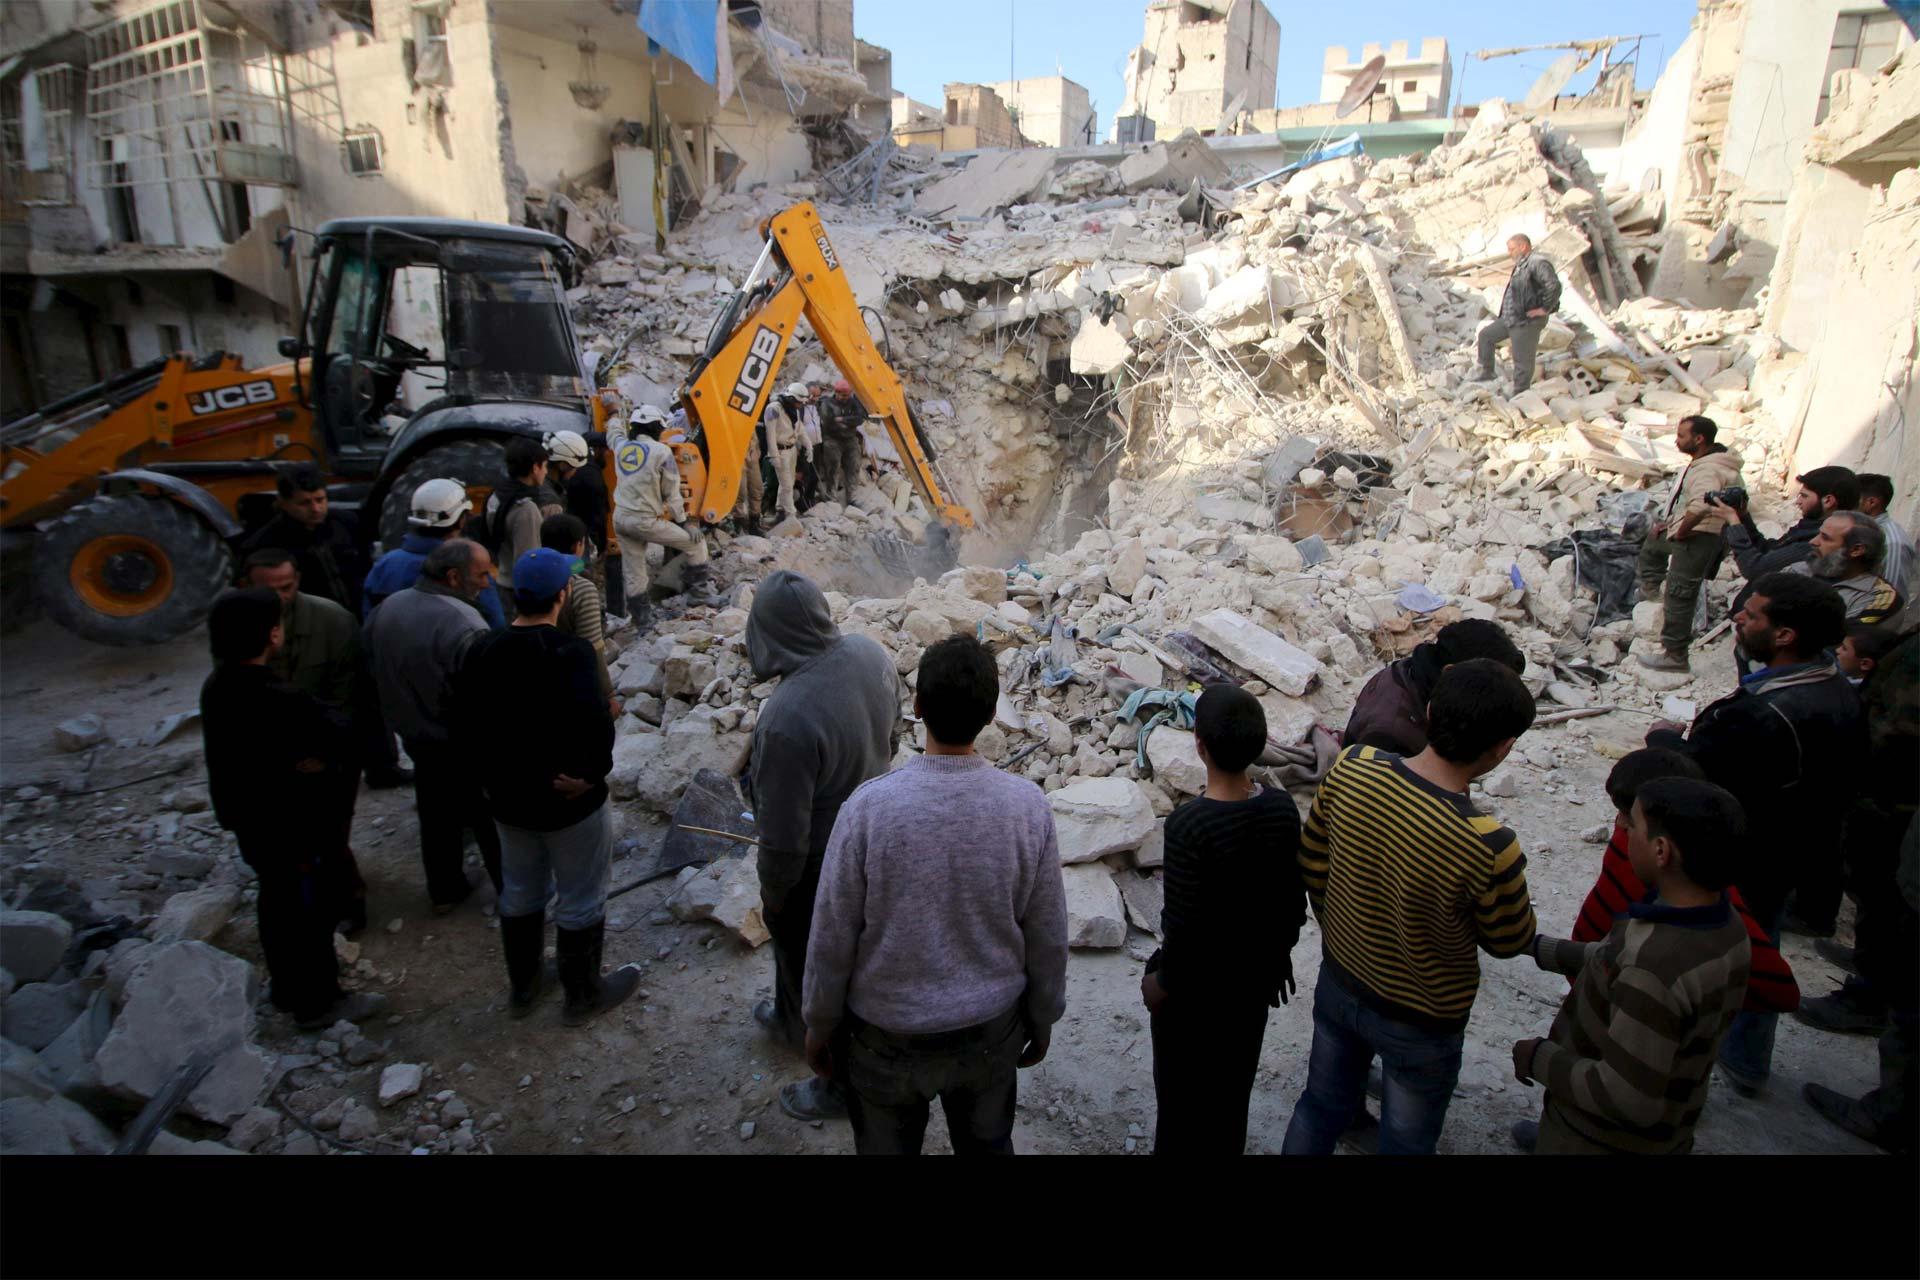 La tregua propuesta luce complicada tras el bombardeo a hospitales que prestaban servicios en el país árabe